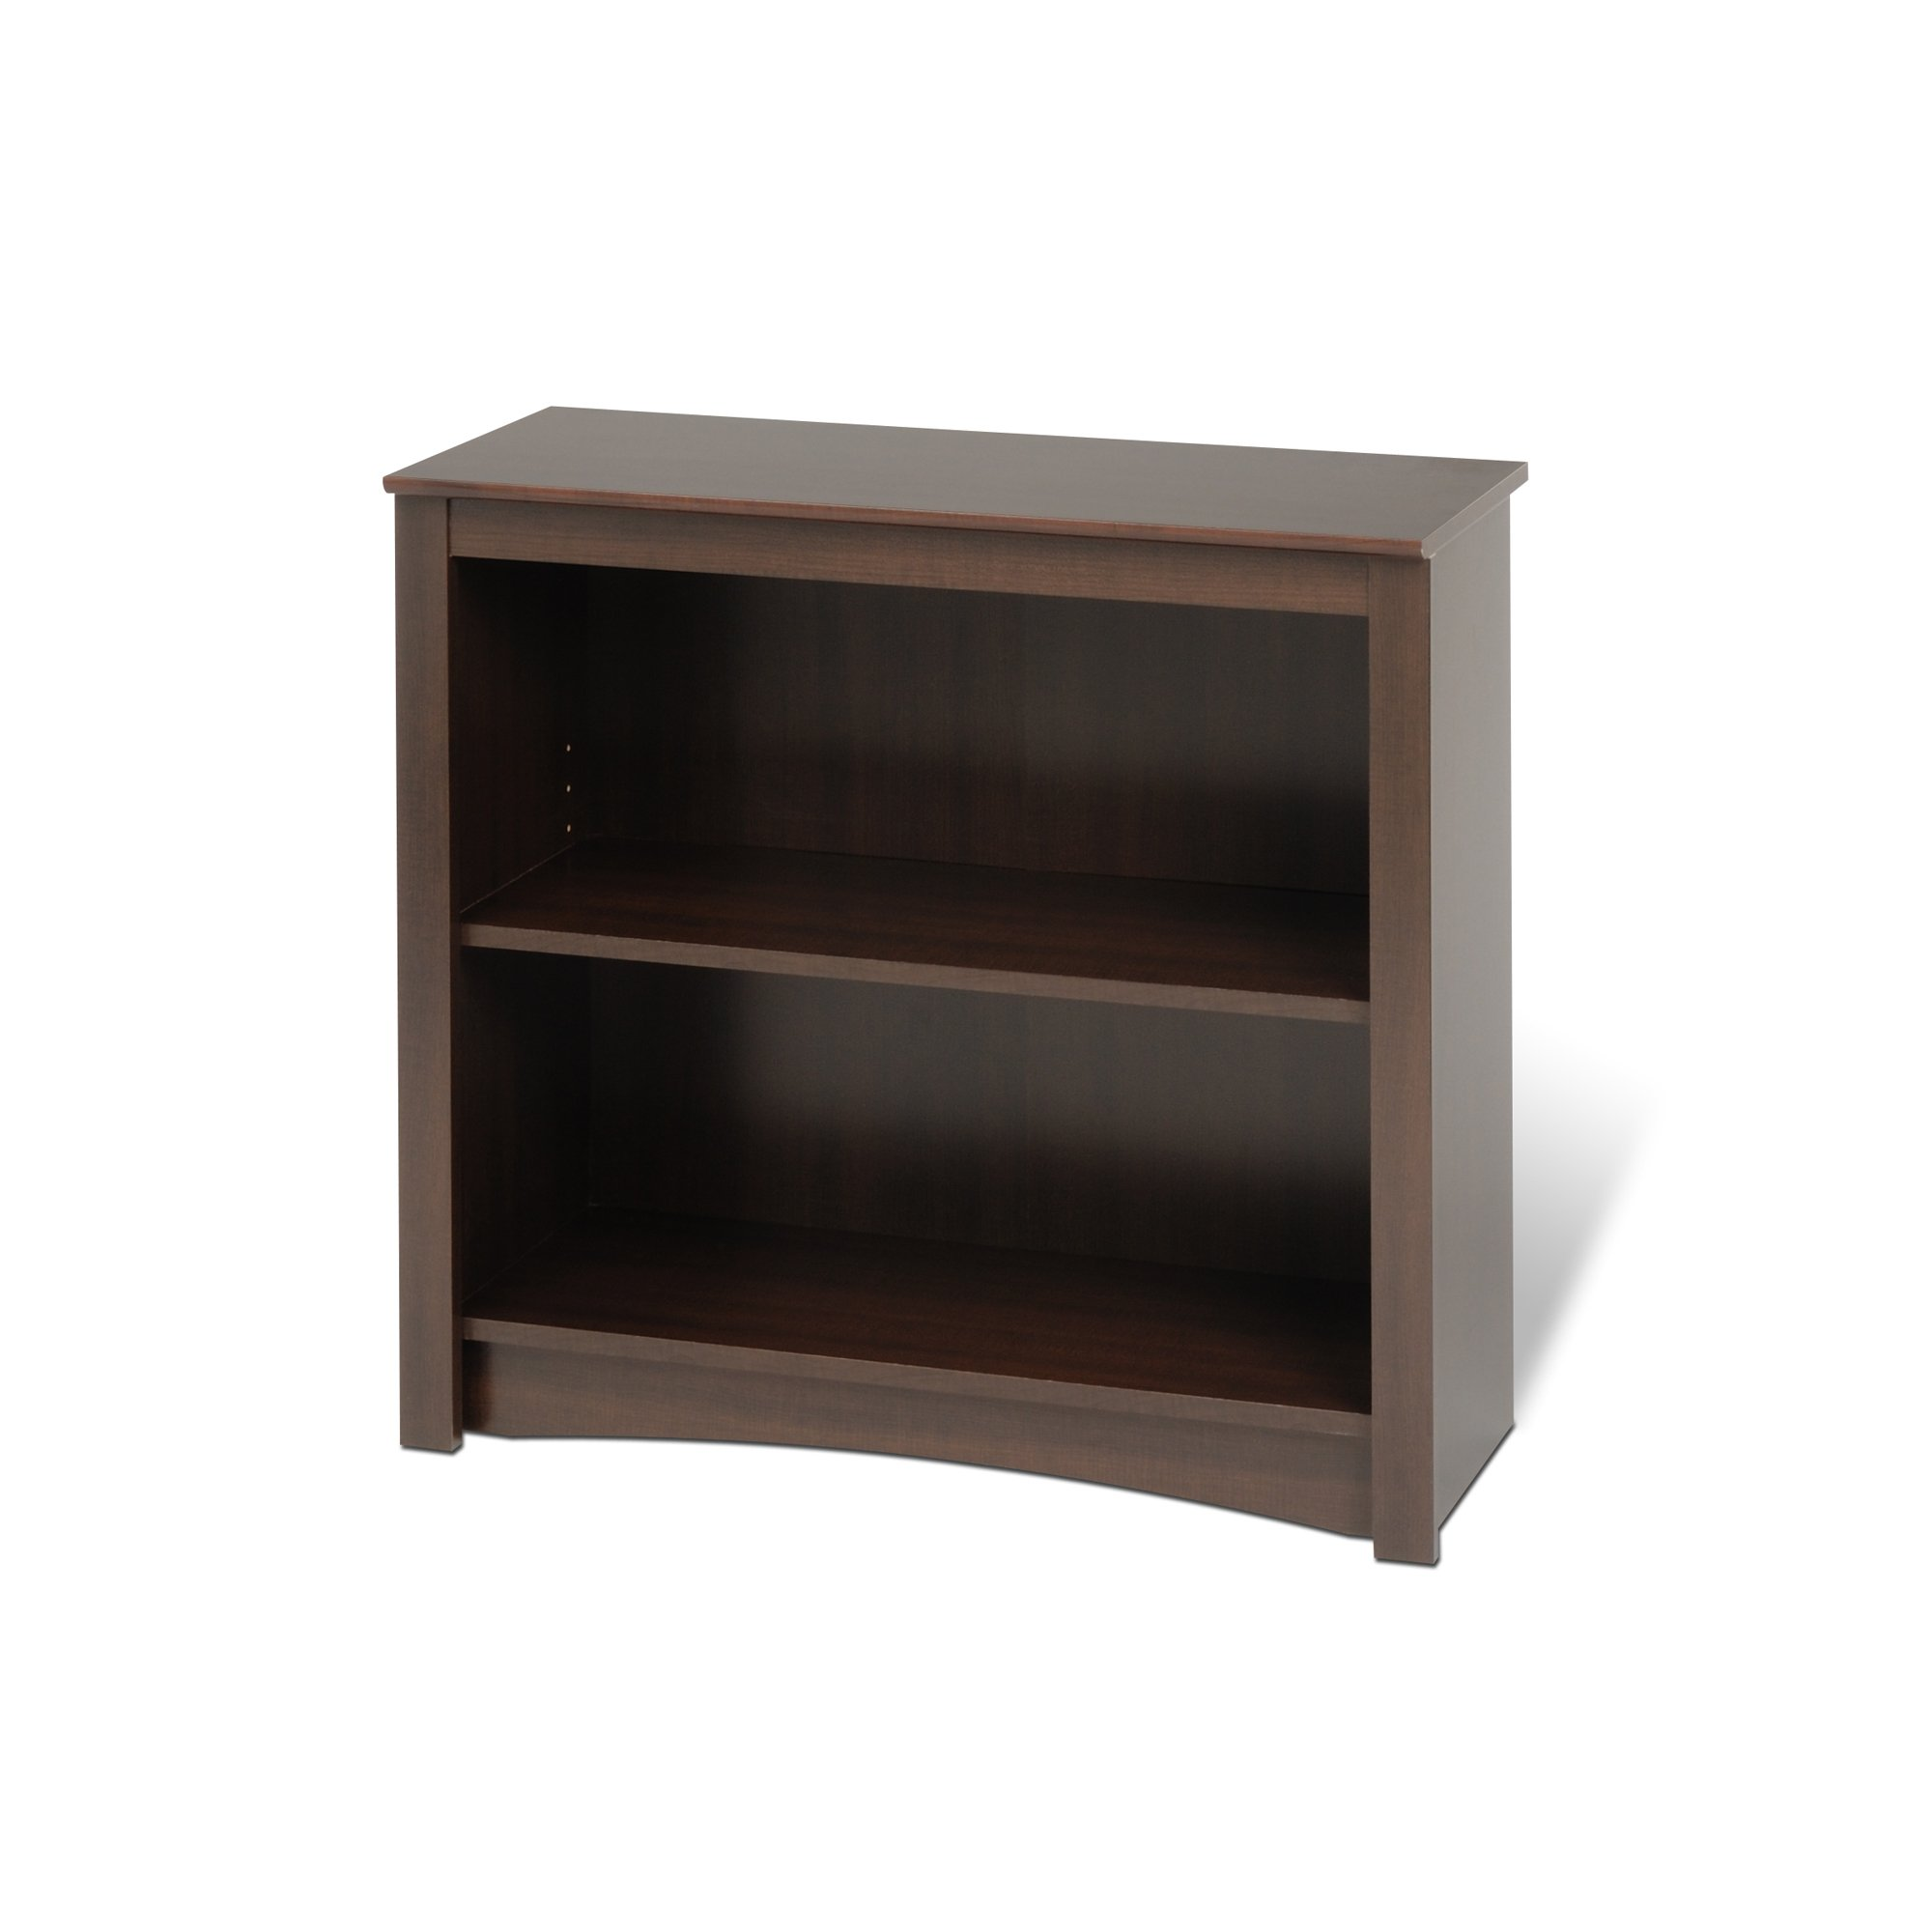 Espresso 2-shelf Bookcase